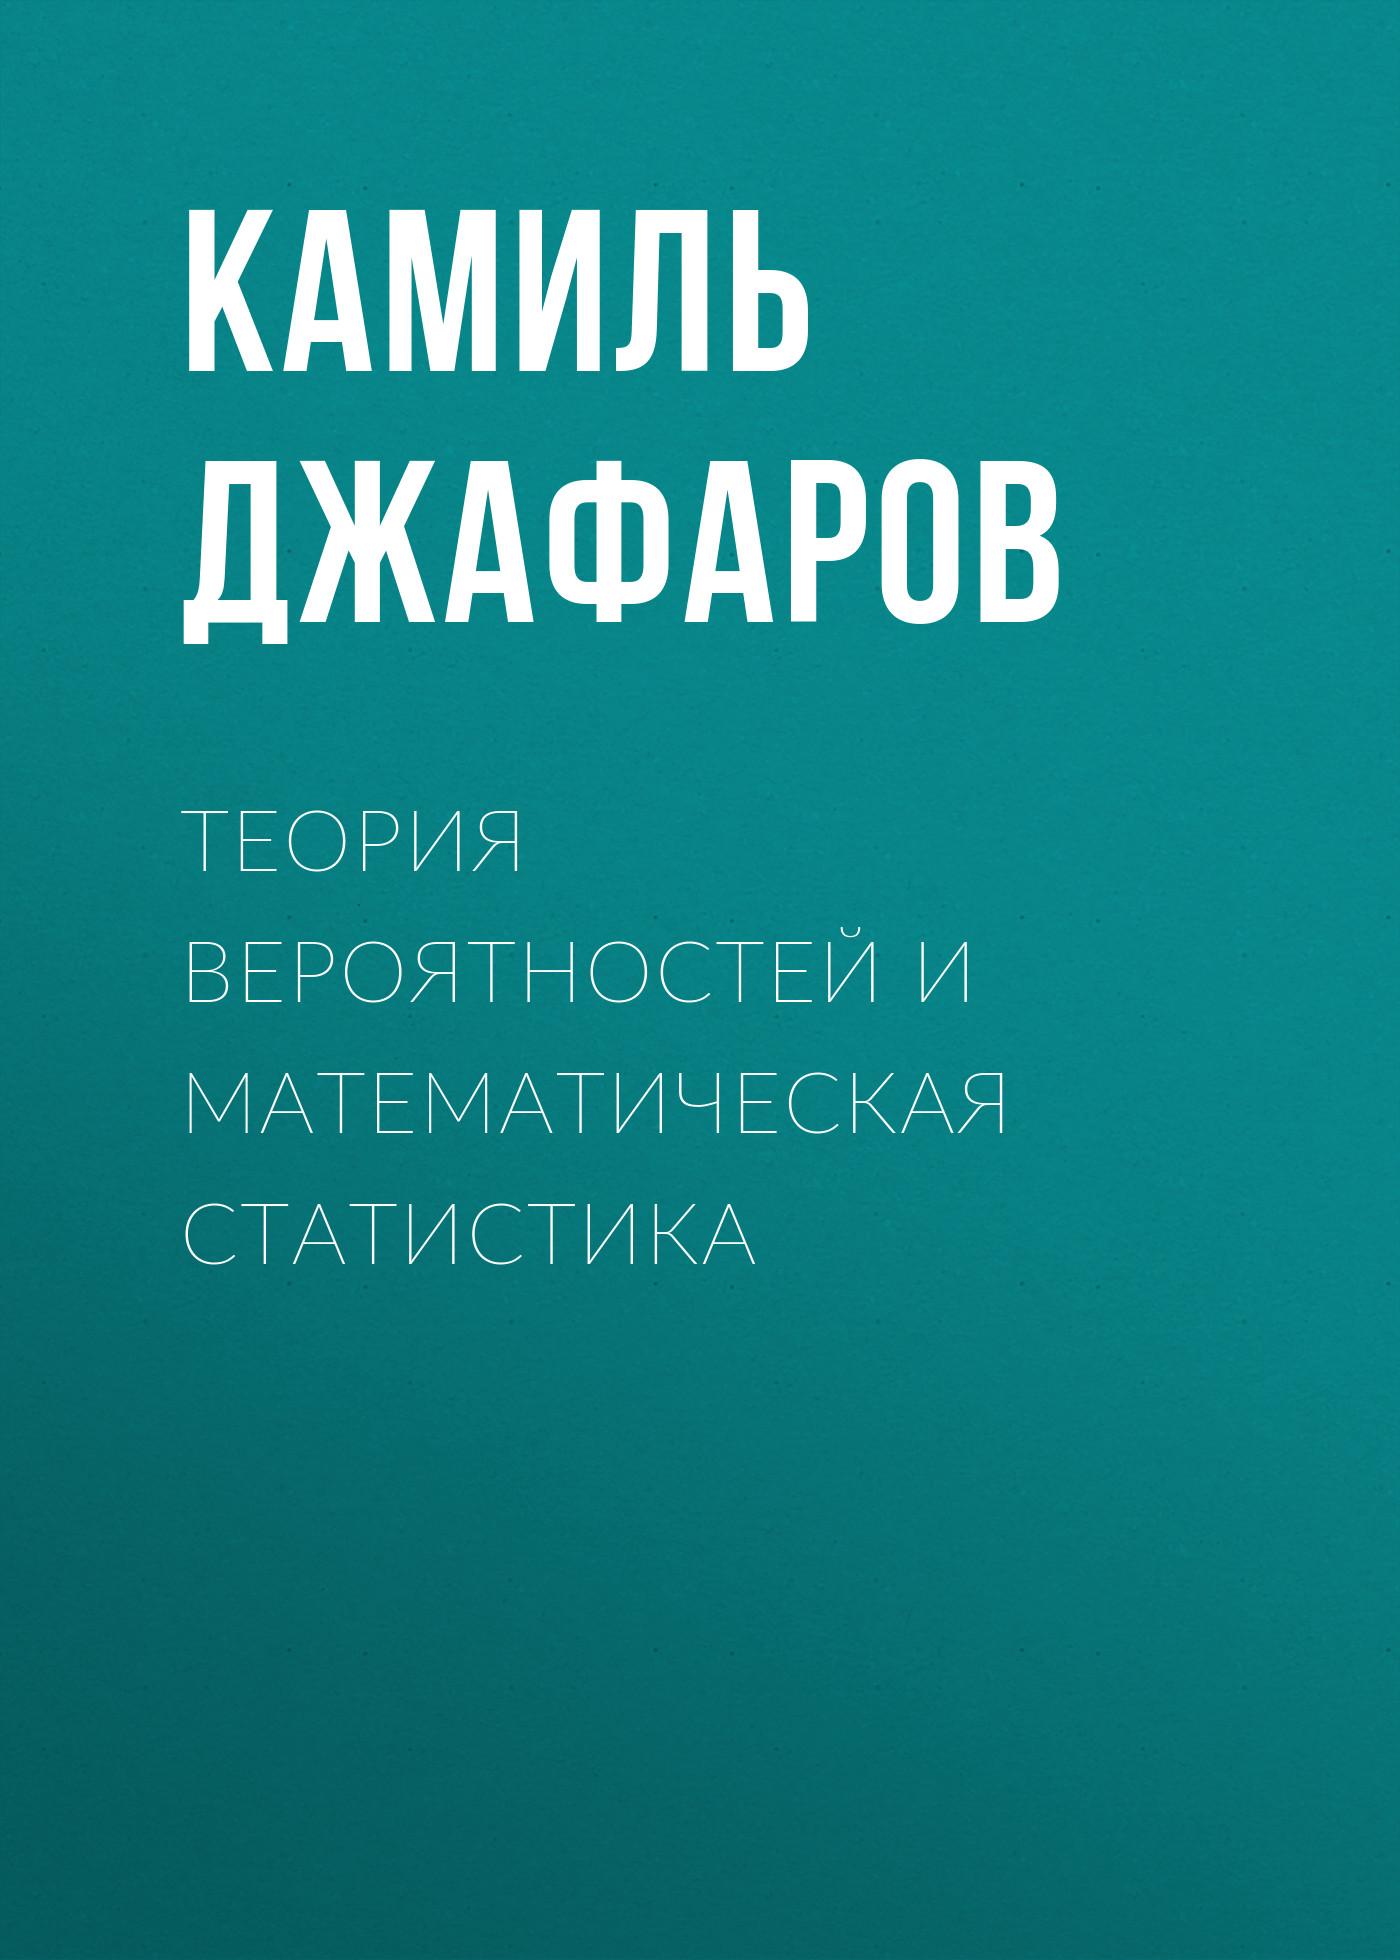 Камиль Джафаров Теория вероятностей и математическая статистика мхитарян в астафьева е миронкина ю трошин л теория вероятностей и мат статистика